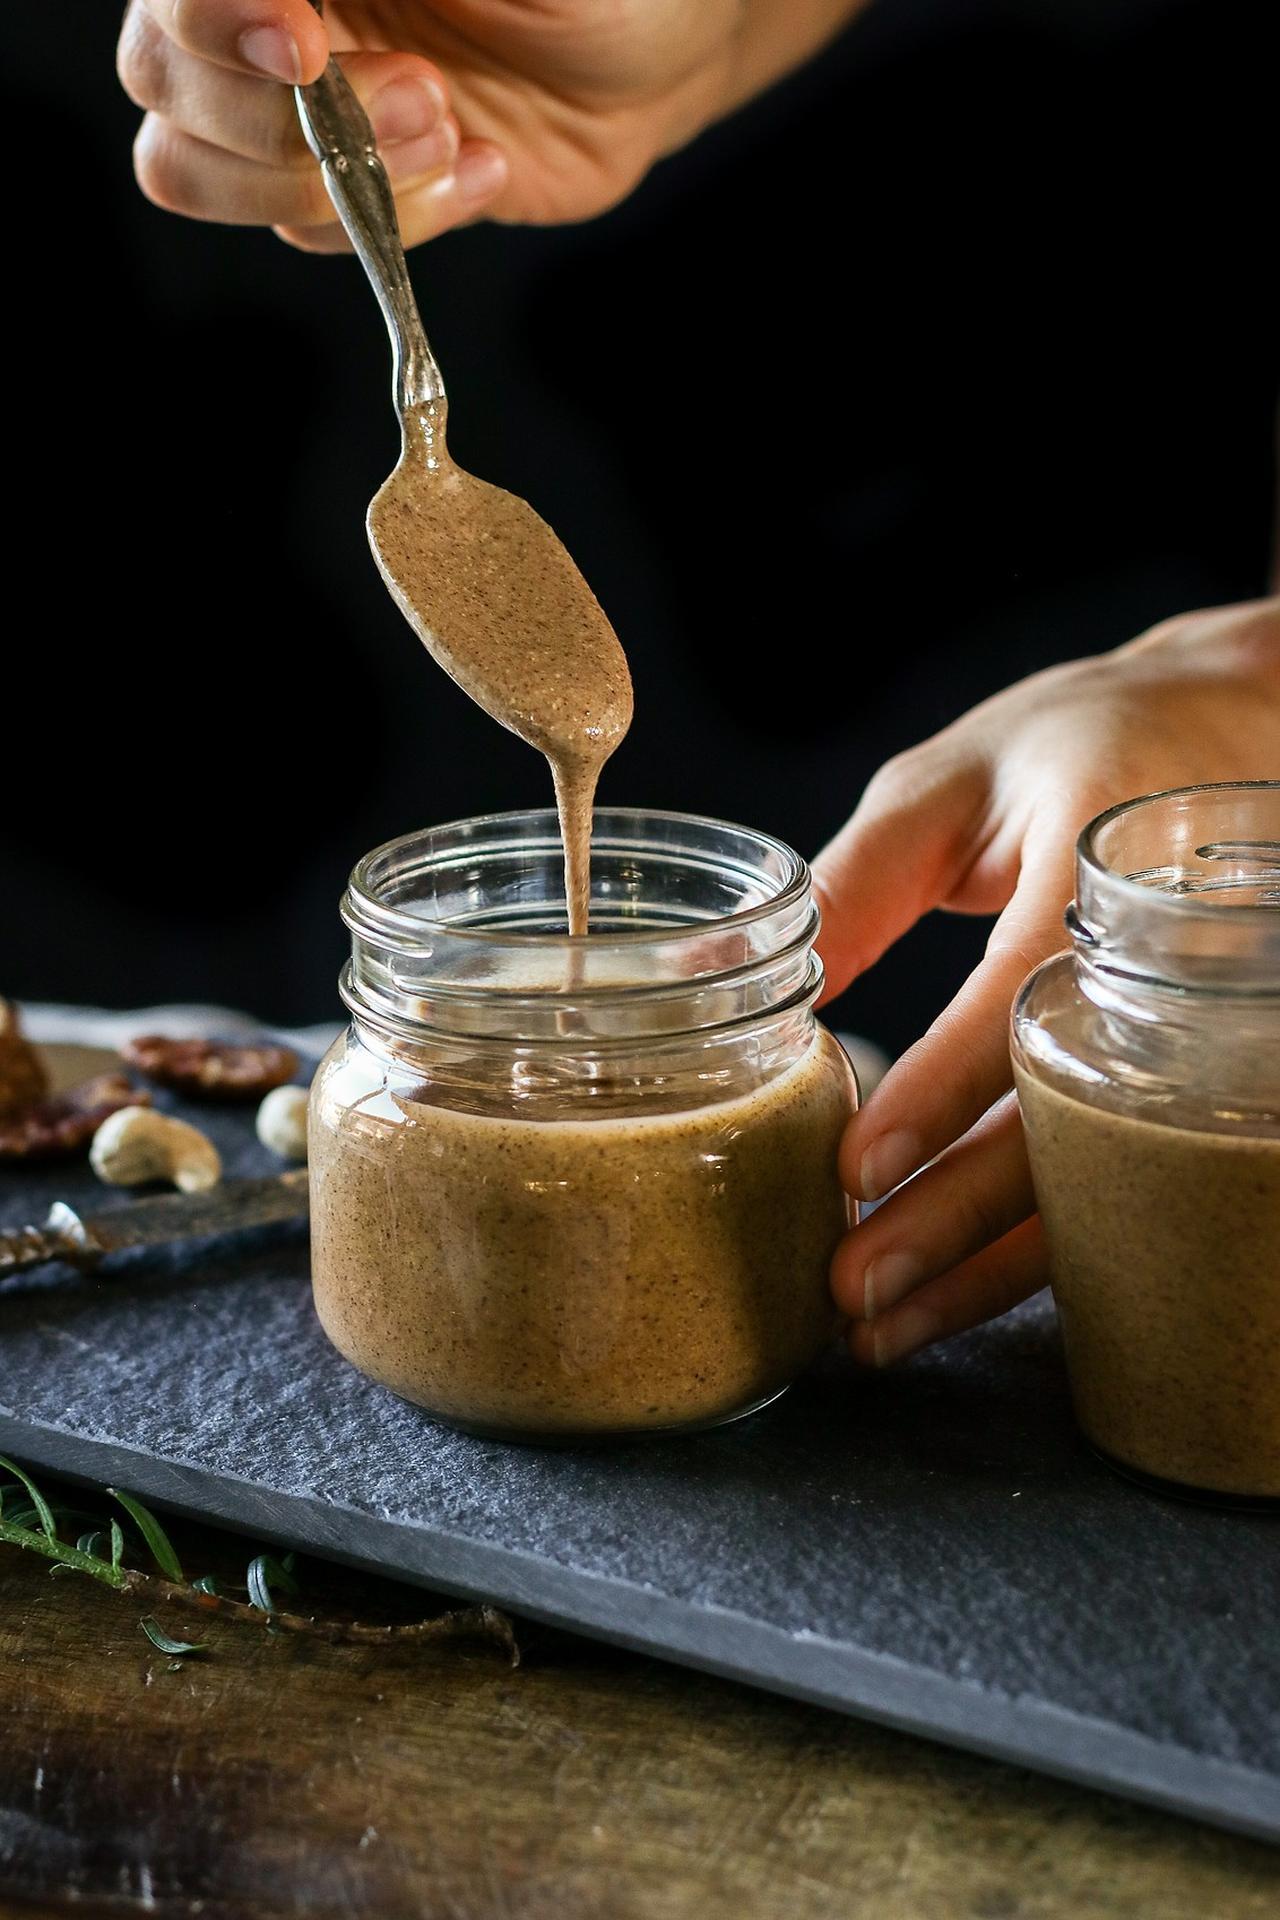 Main image of Cinnamon Vanilla Nut Butter